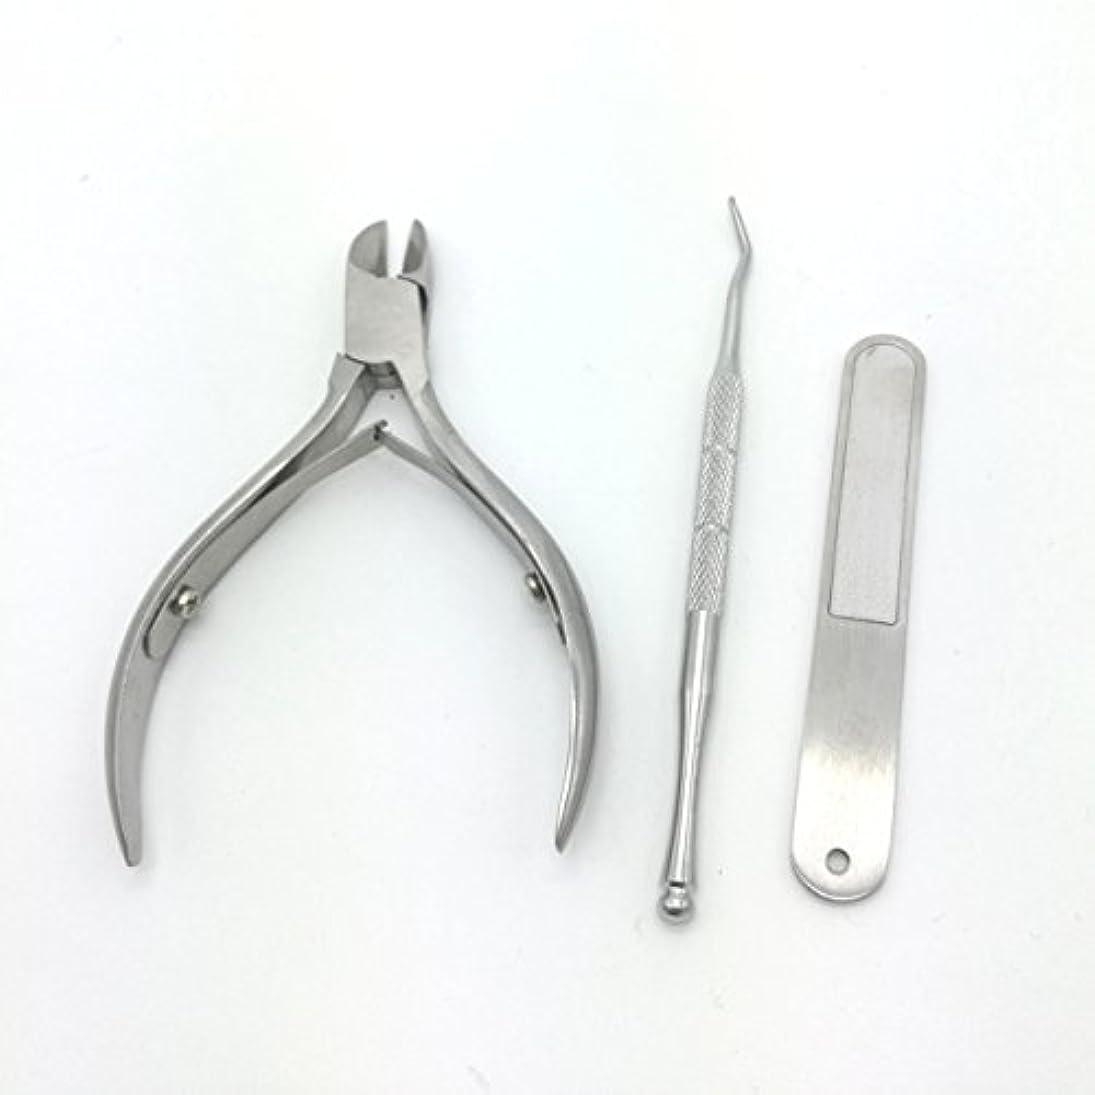 最終的に両方成熟した爪切り 改良版ニッパー爪切り ステンレス製 ニッパー式爪切り ネイルニッパー 爪やすり、ゾンデ付き お年寄りプレゼント 贈答ケース付属